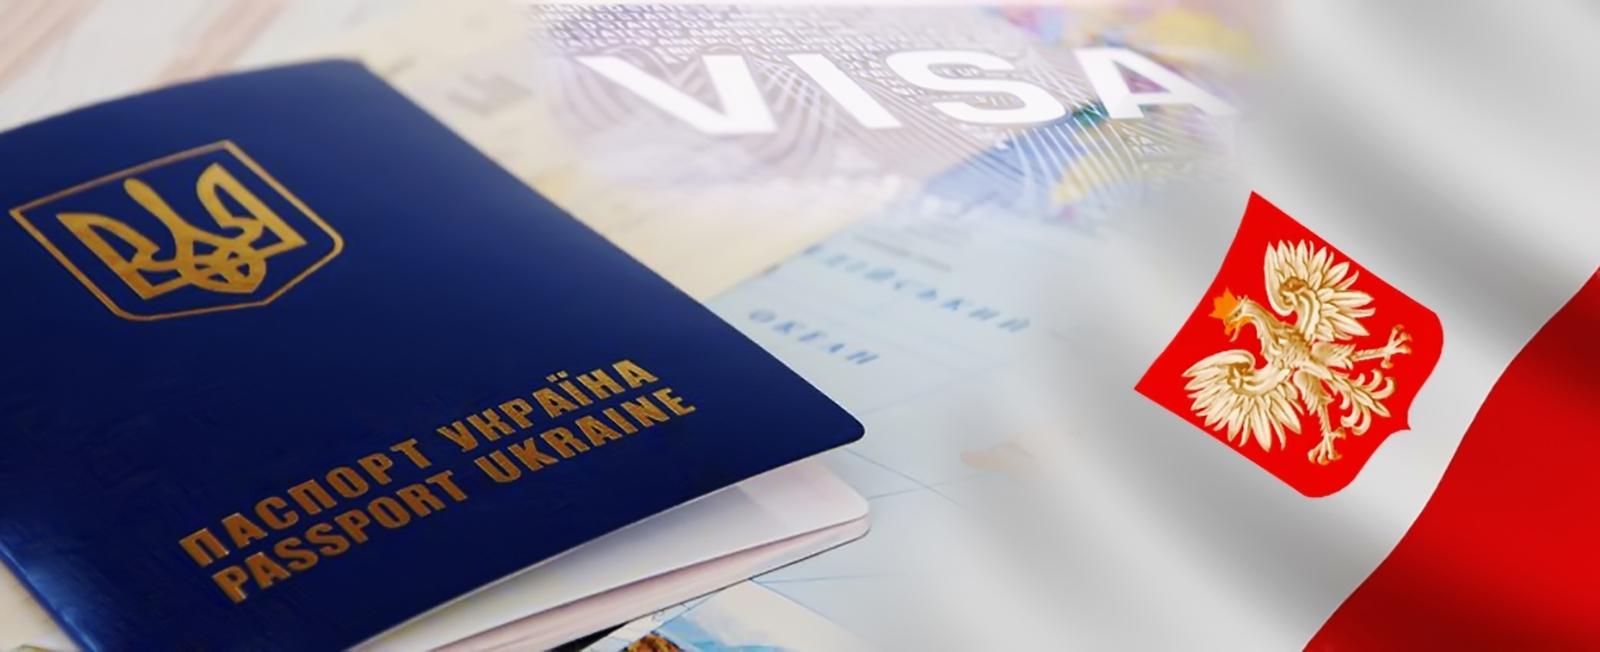 Как сделать загранпаспорт украинцам в россии